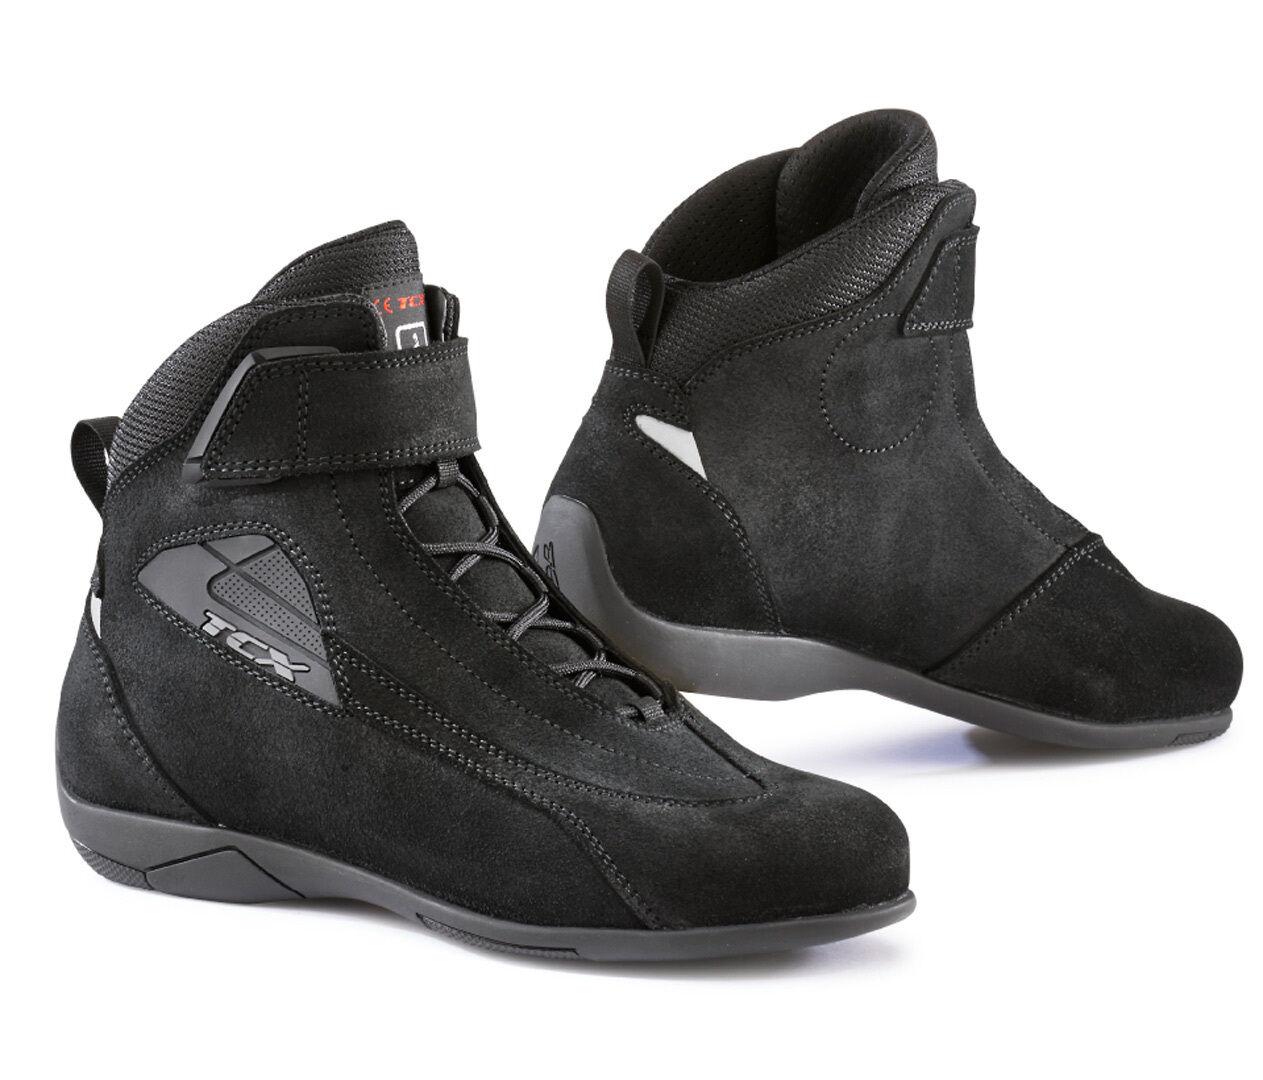 TCX Sport Chaussures de moto pour dames Noir taille : 37